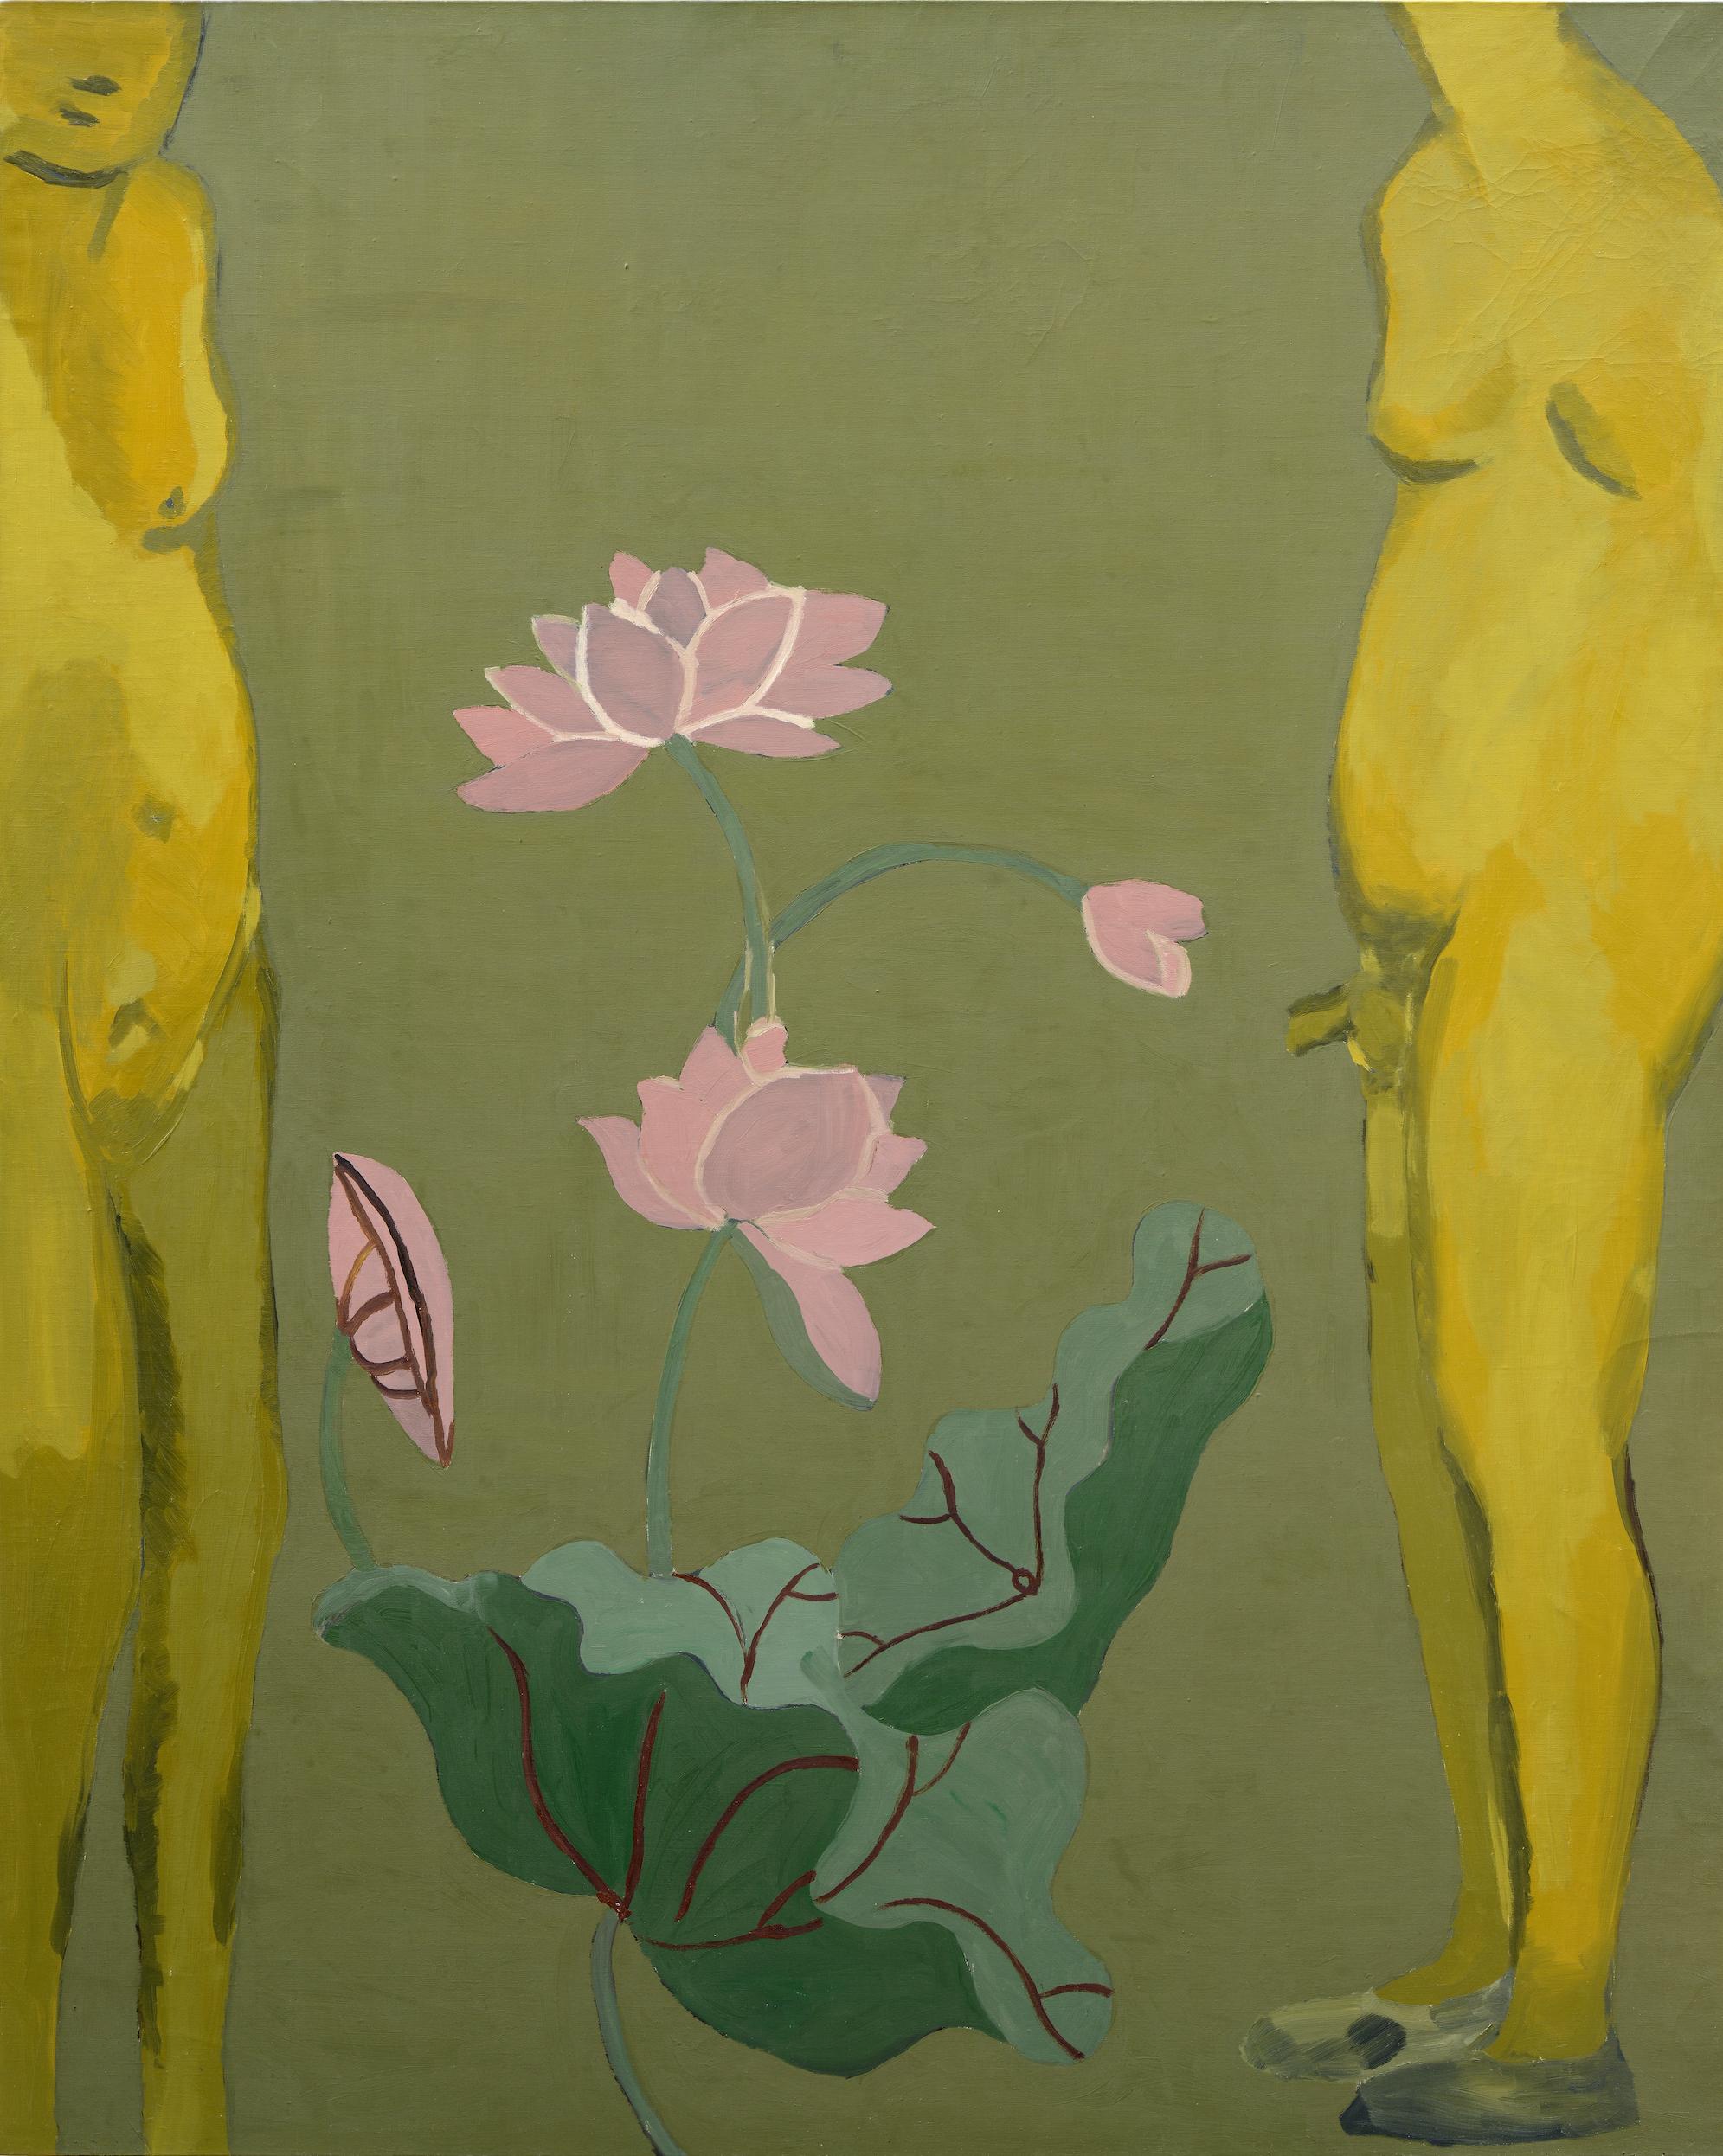 莲花 Lotus